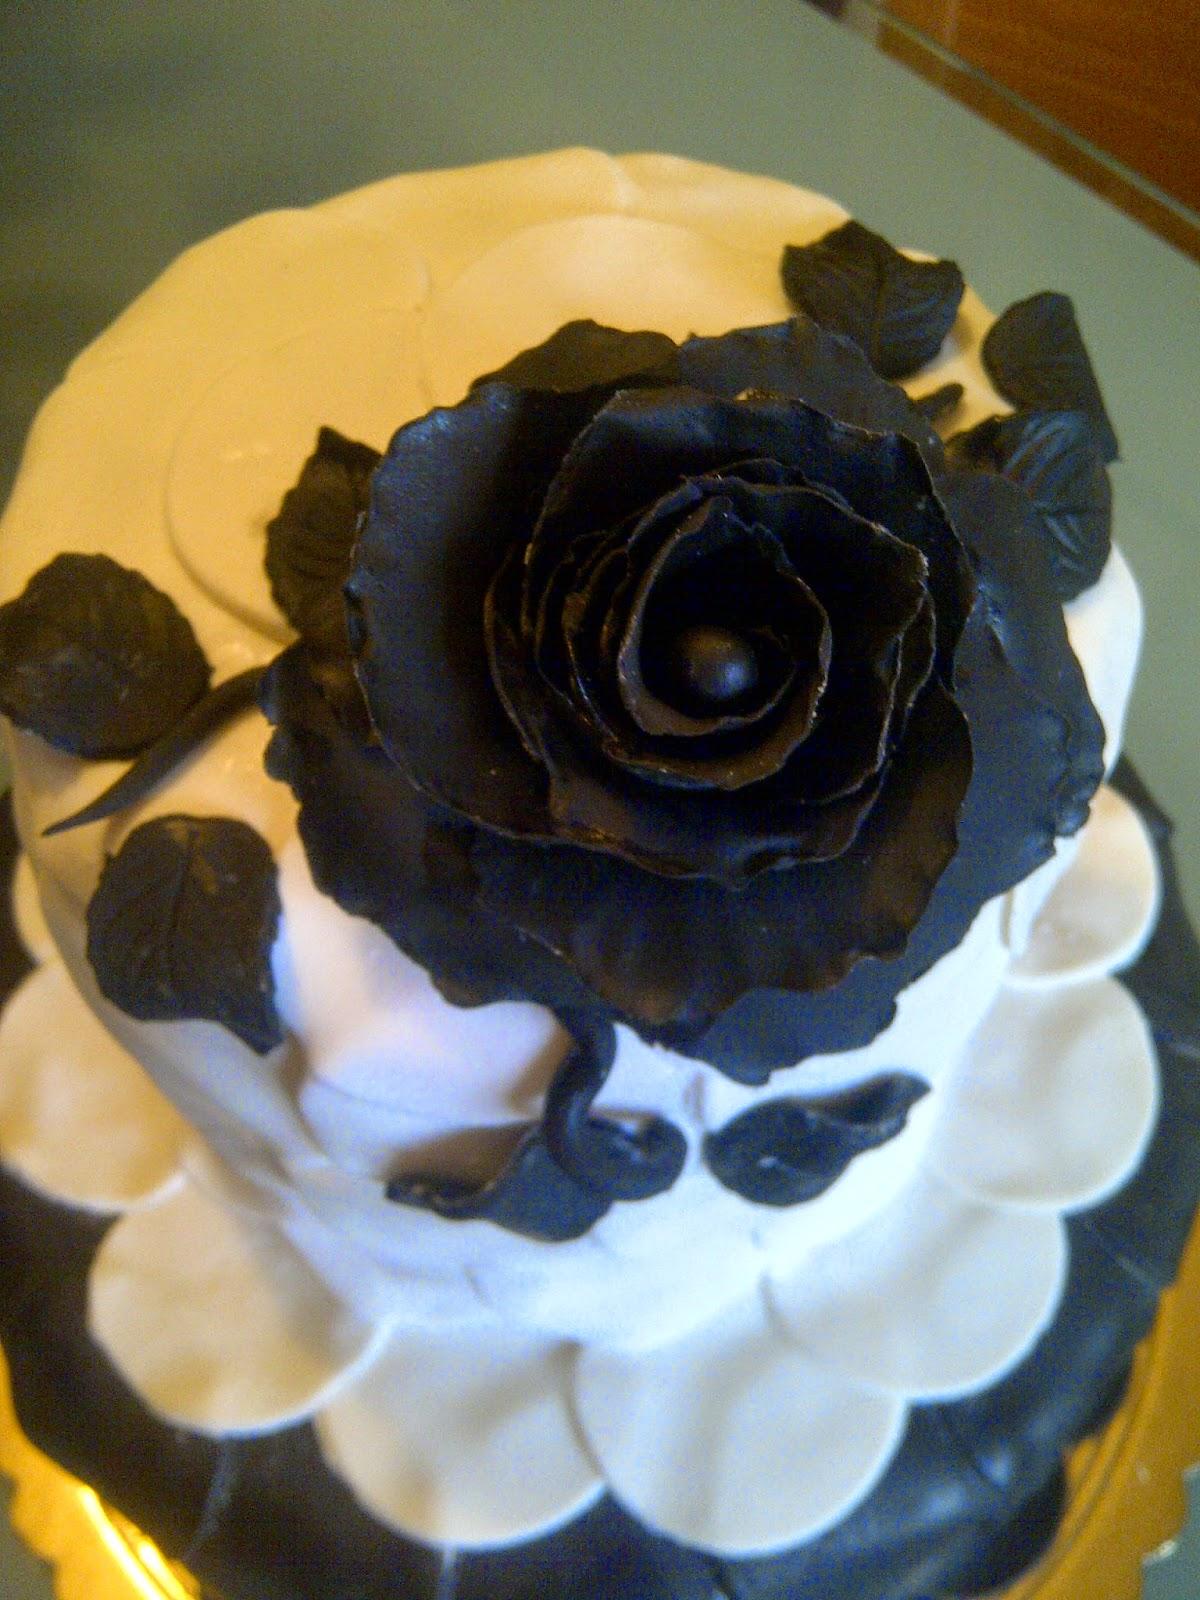 Art sugar crystals torta rosa nera pdz